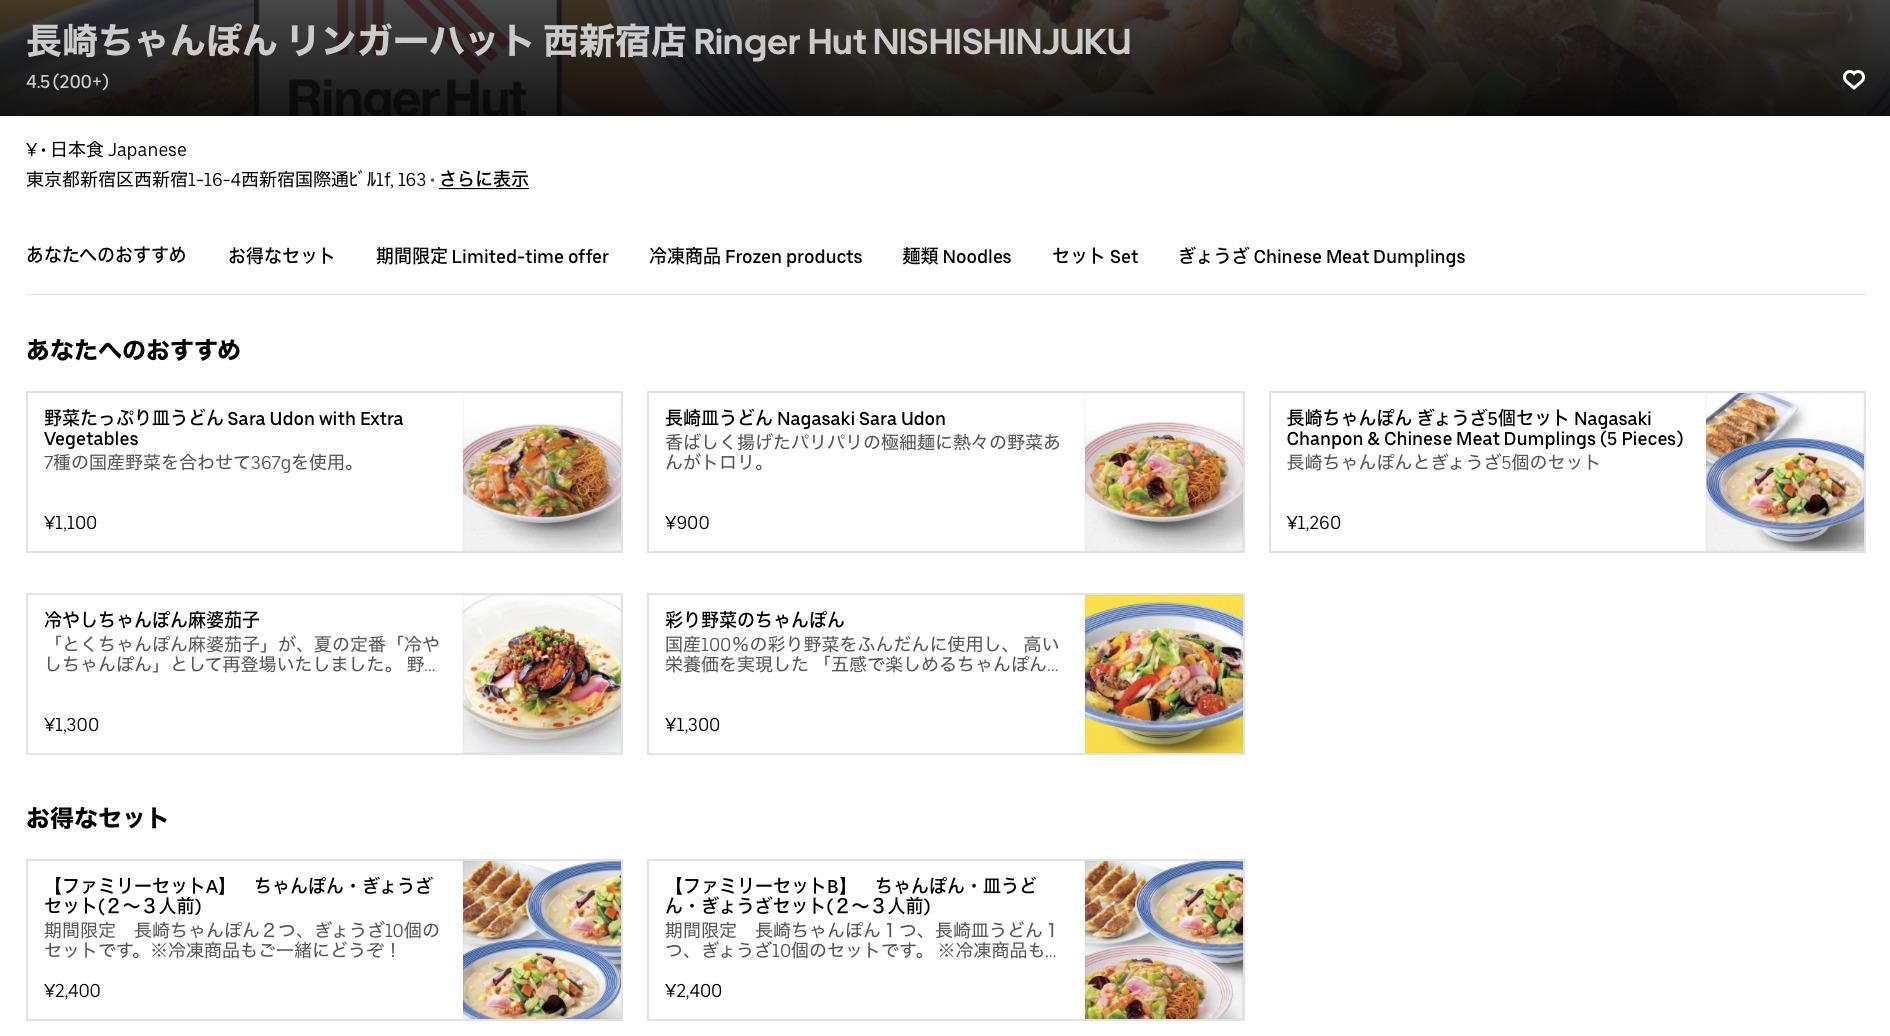 リンガーハットのUber Eats(ウーバーイーツ)